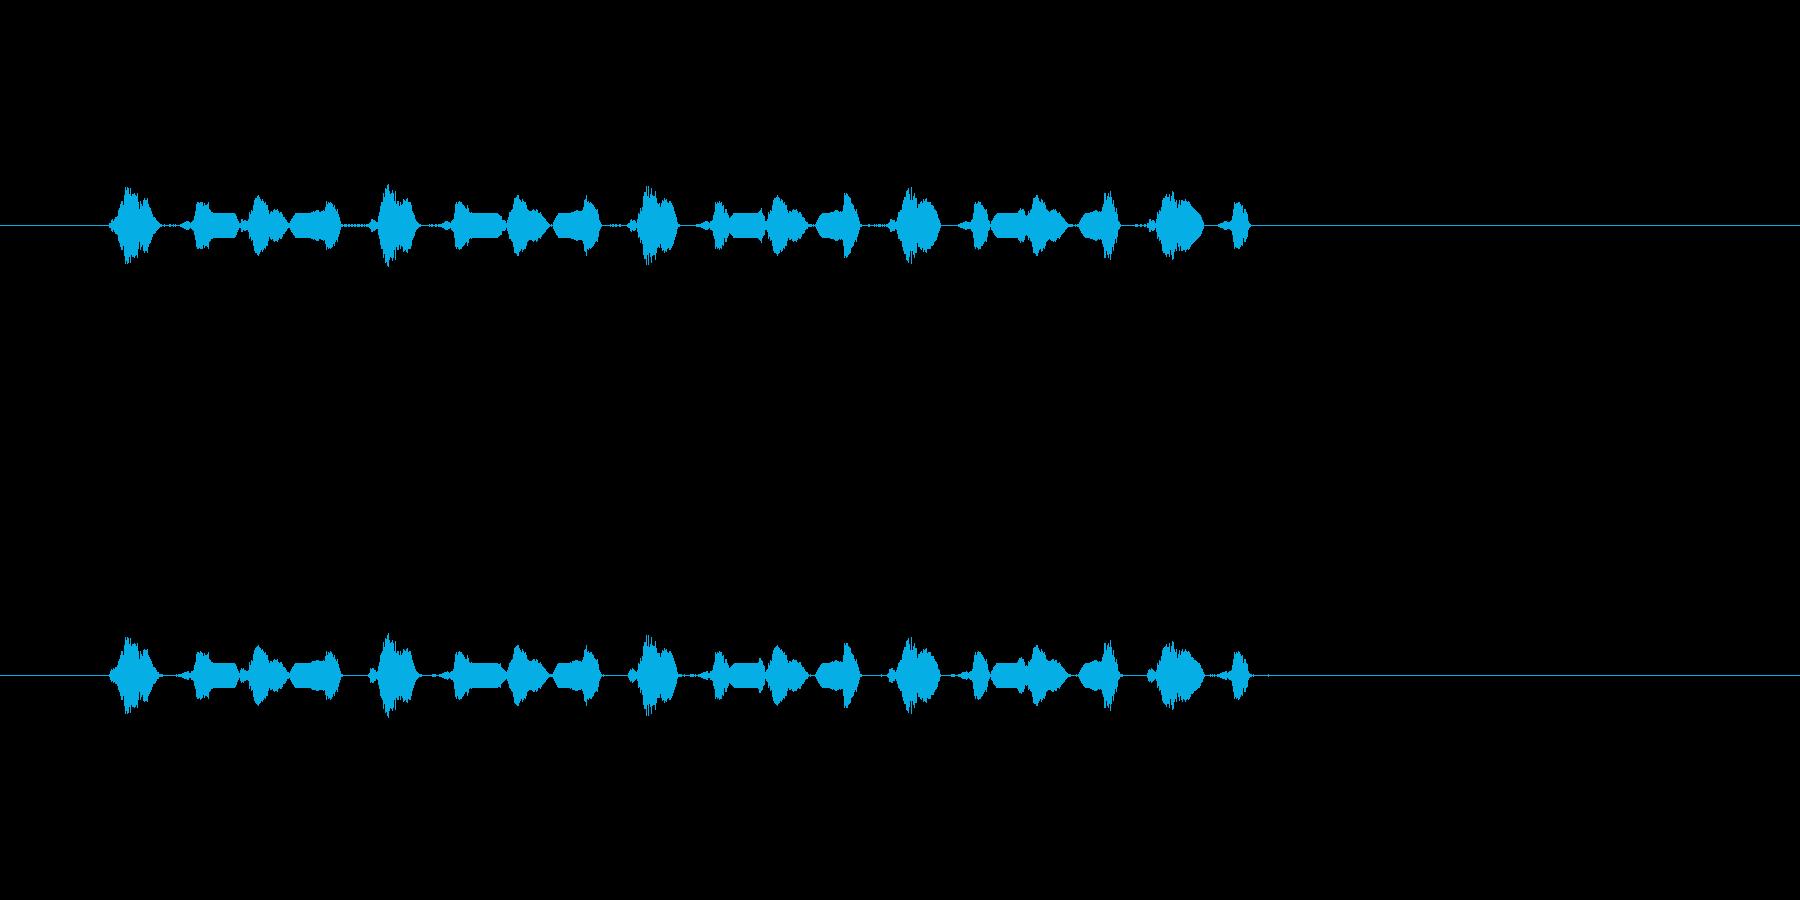 【サイバー20-2】の再生済みの波形